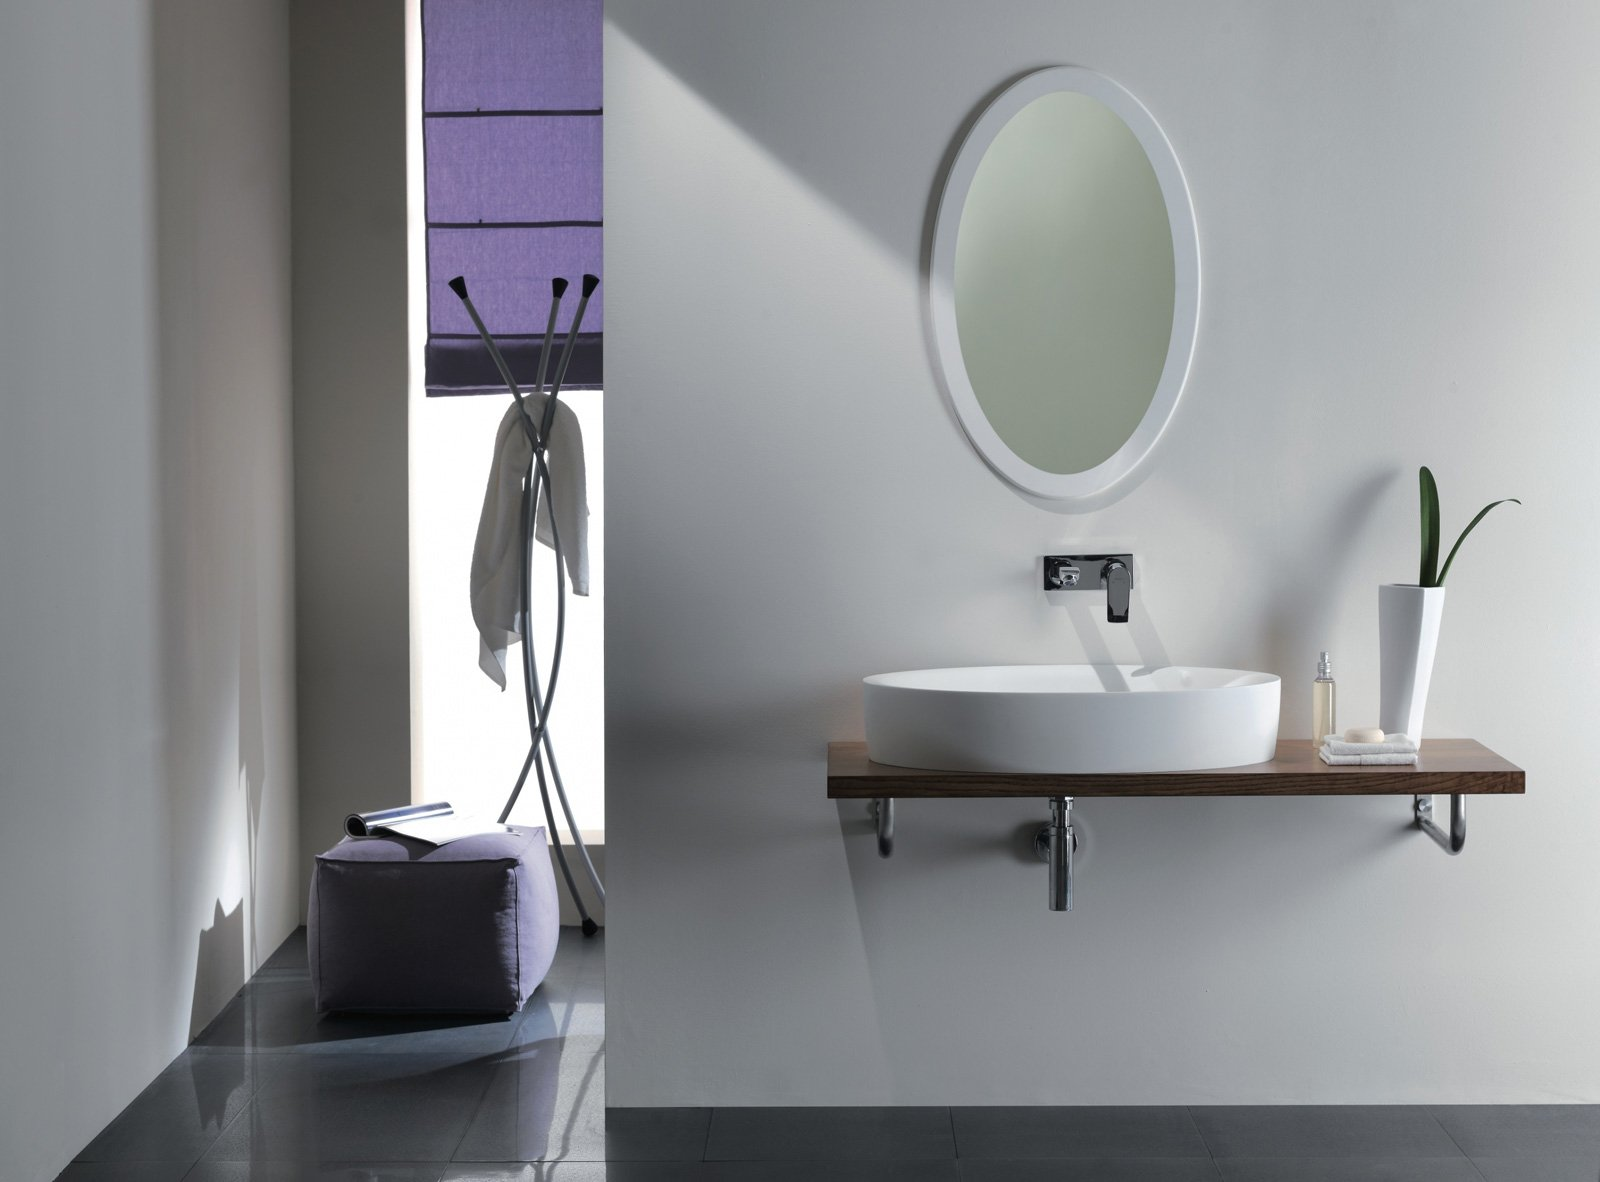 Specchi sopra il lavabo cose di casa - Specchi retroilluminati per bagno ...